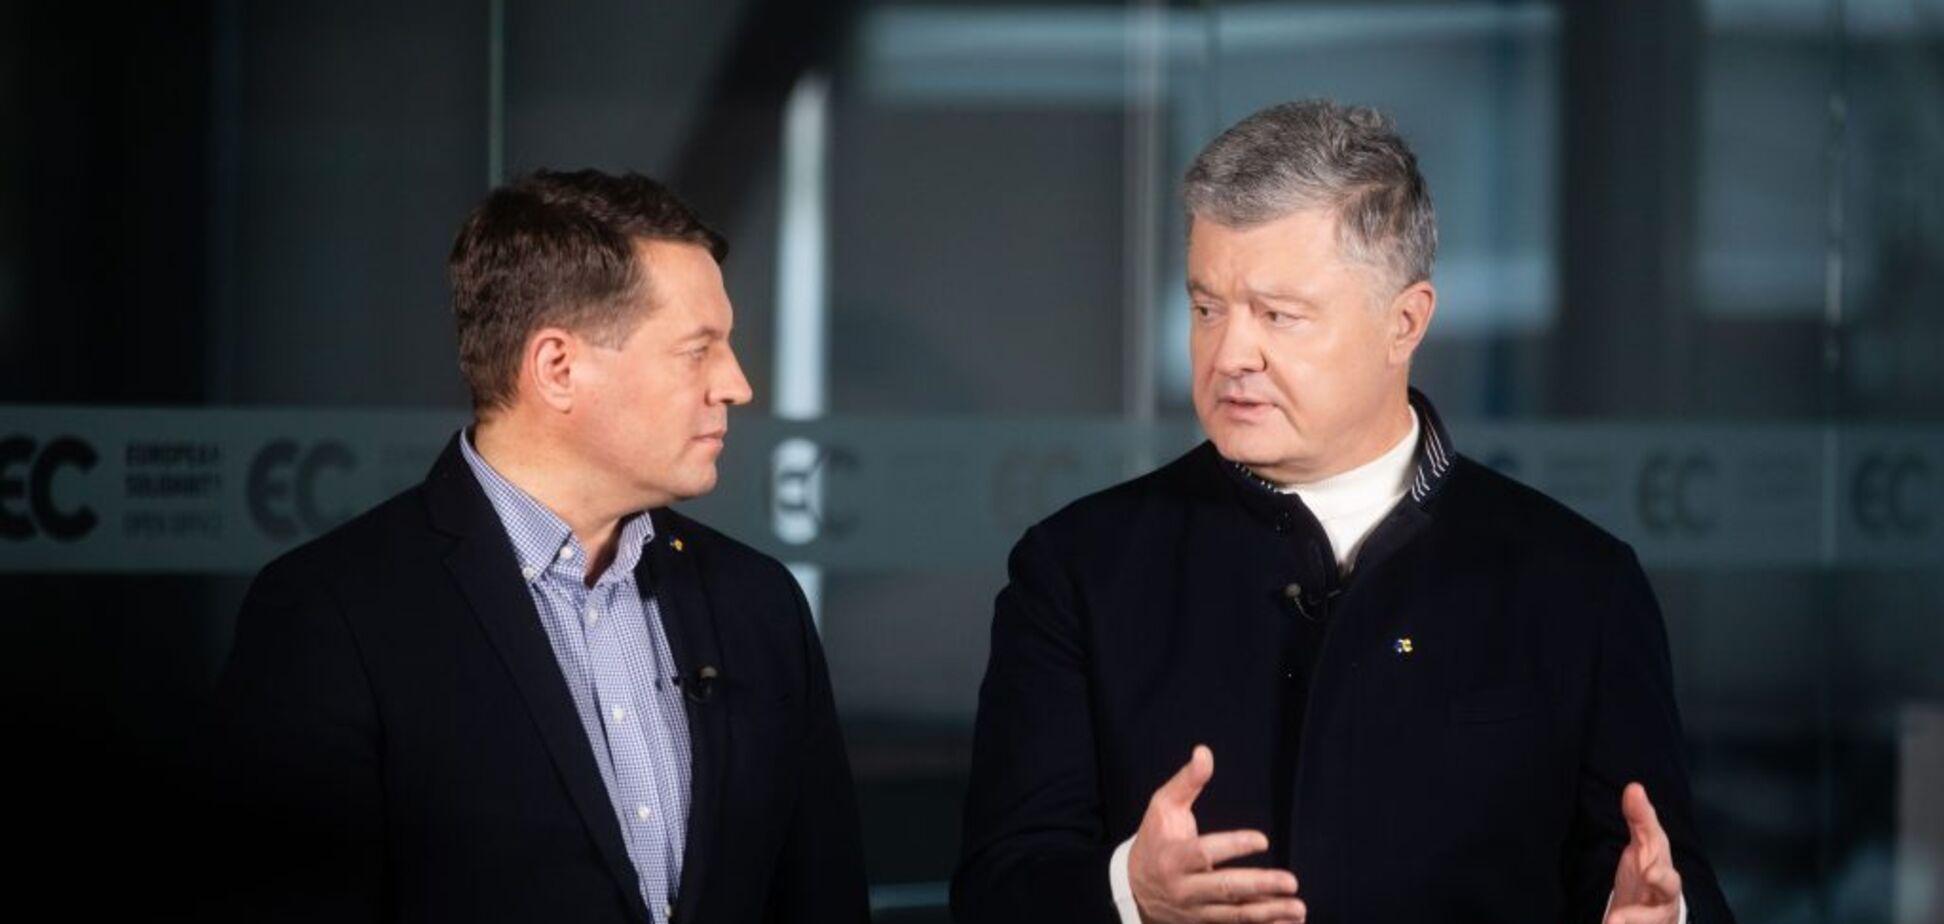 Колишній в'язень Кремля Сущенко стане кандидатом у нардепи на довиборах на Черкащині